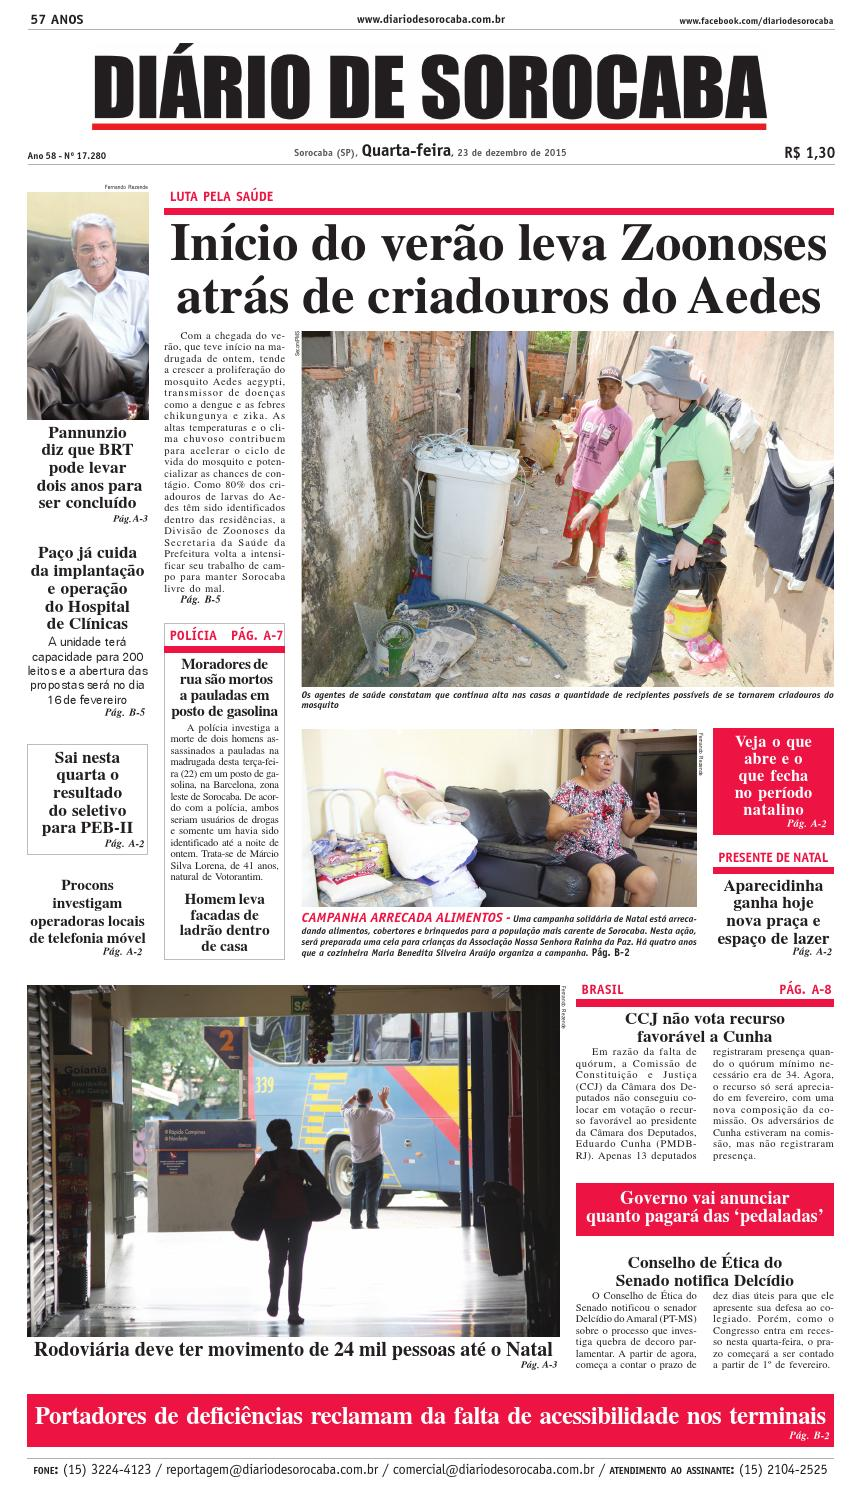 Edição de 23 de dezembro de 2015 by DIÁRIO DE SOROCABA - issuu 893bf13eef